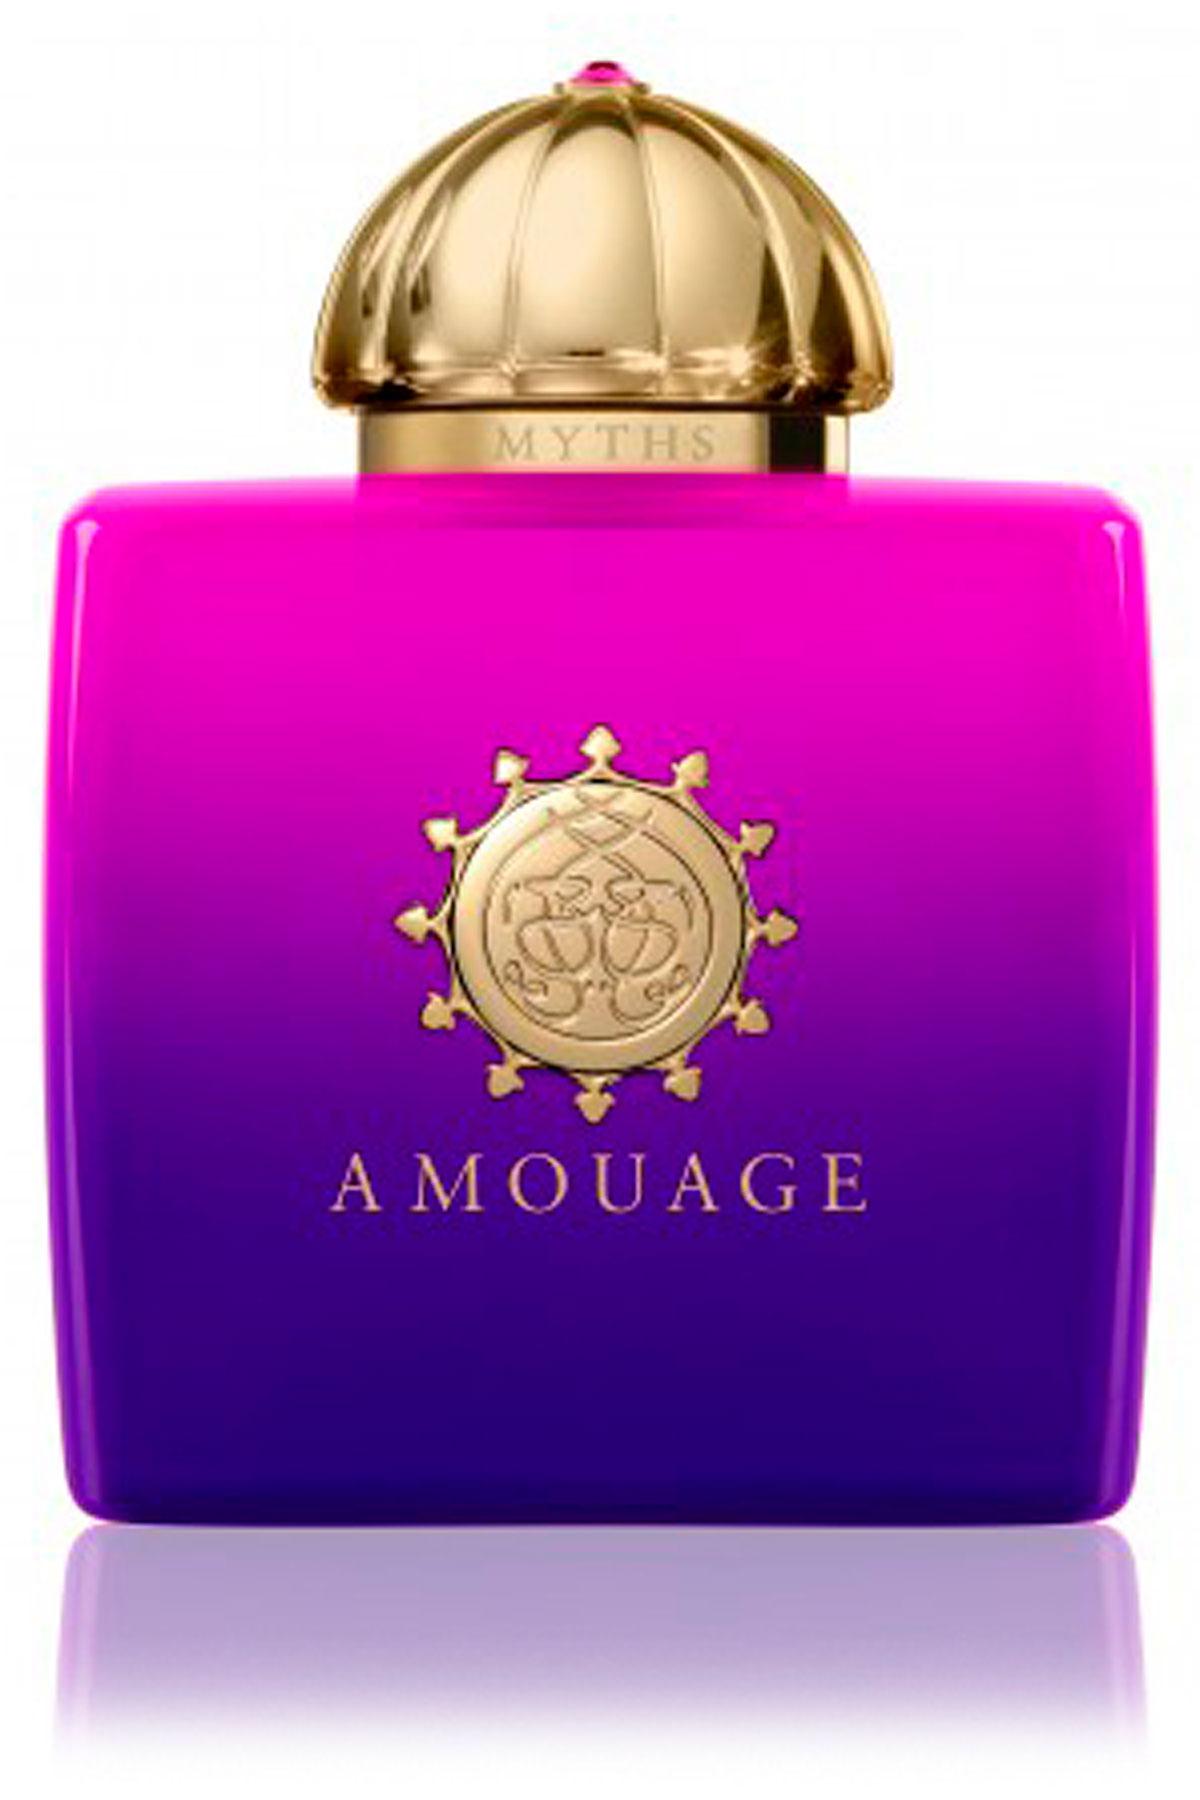 Amouage Fragrances for Women, Myths Woman - Eau De Parfum - 100 Ml, 2019, 100 ml